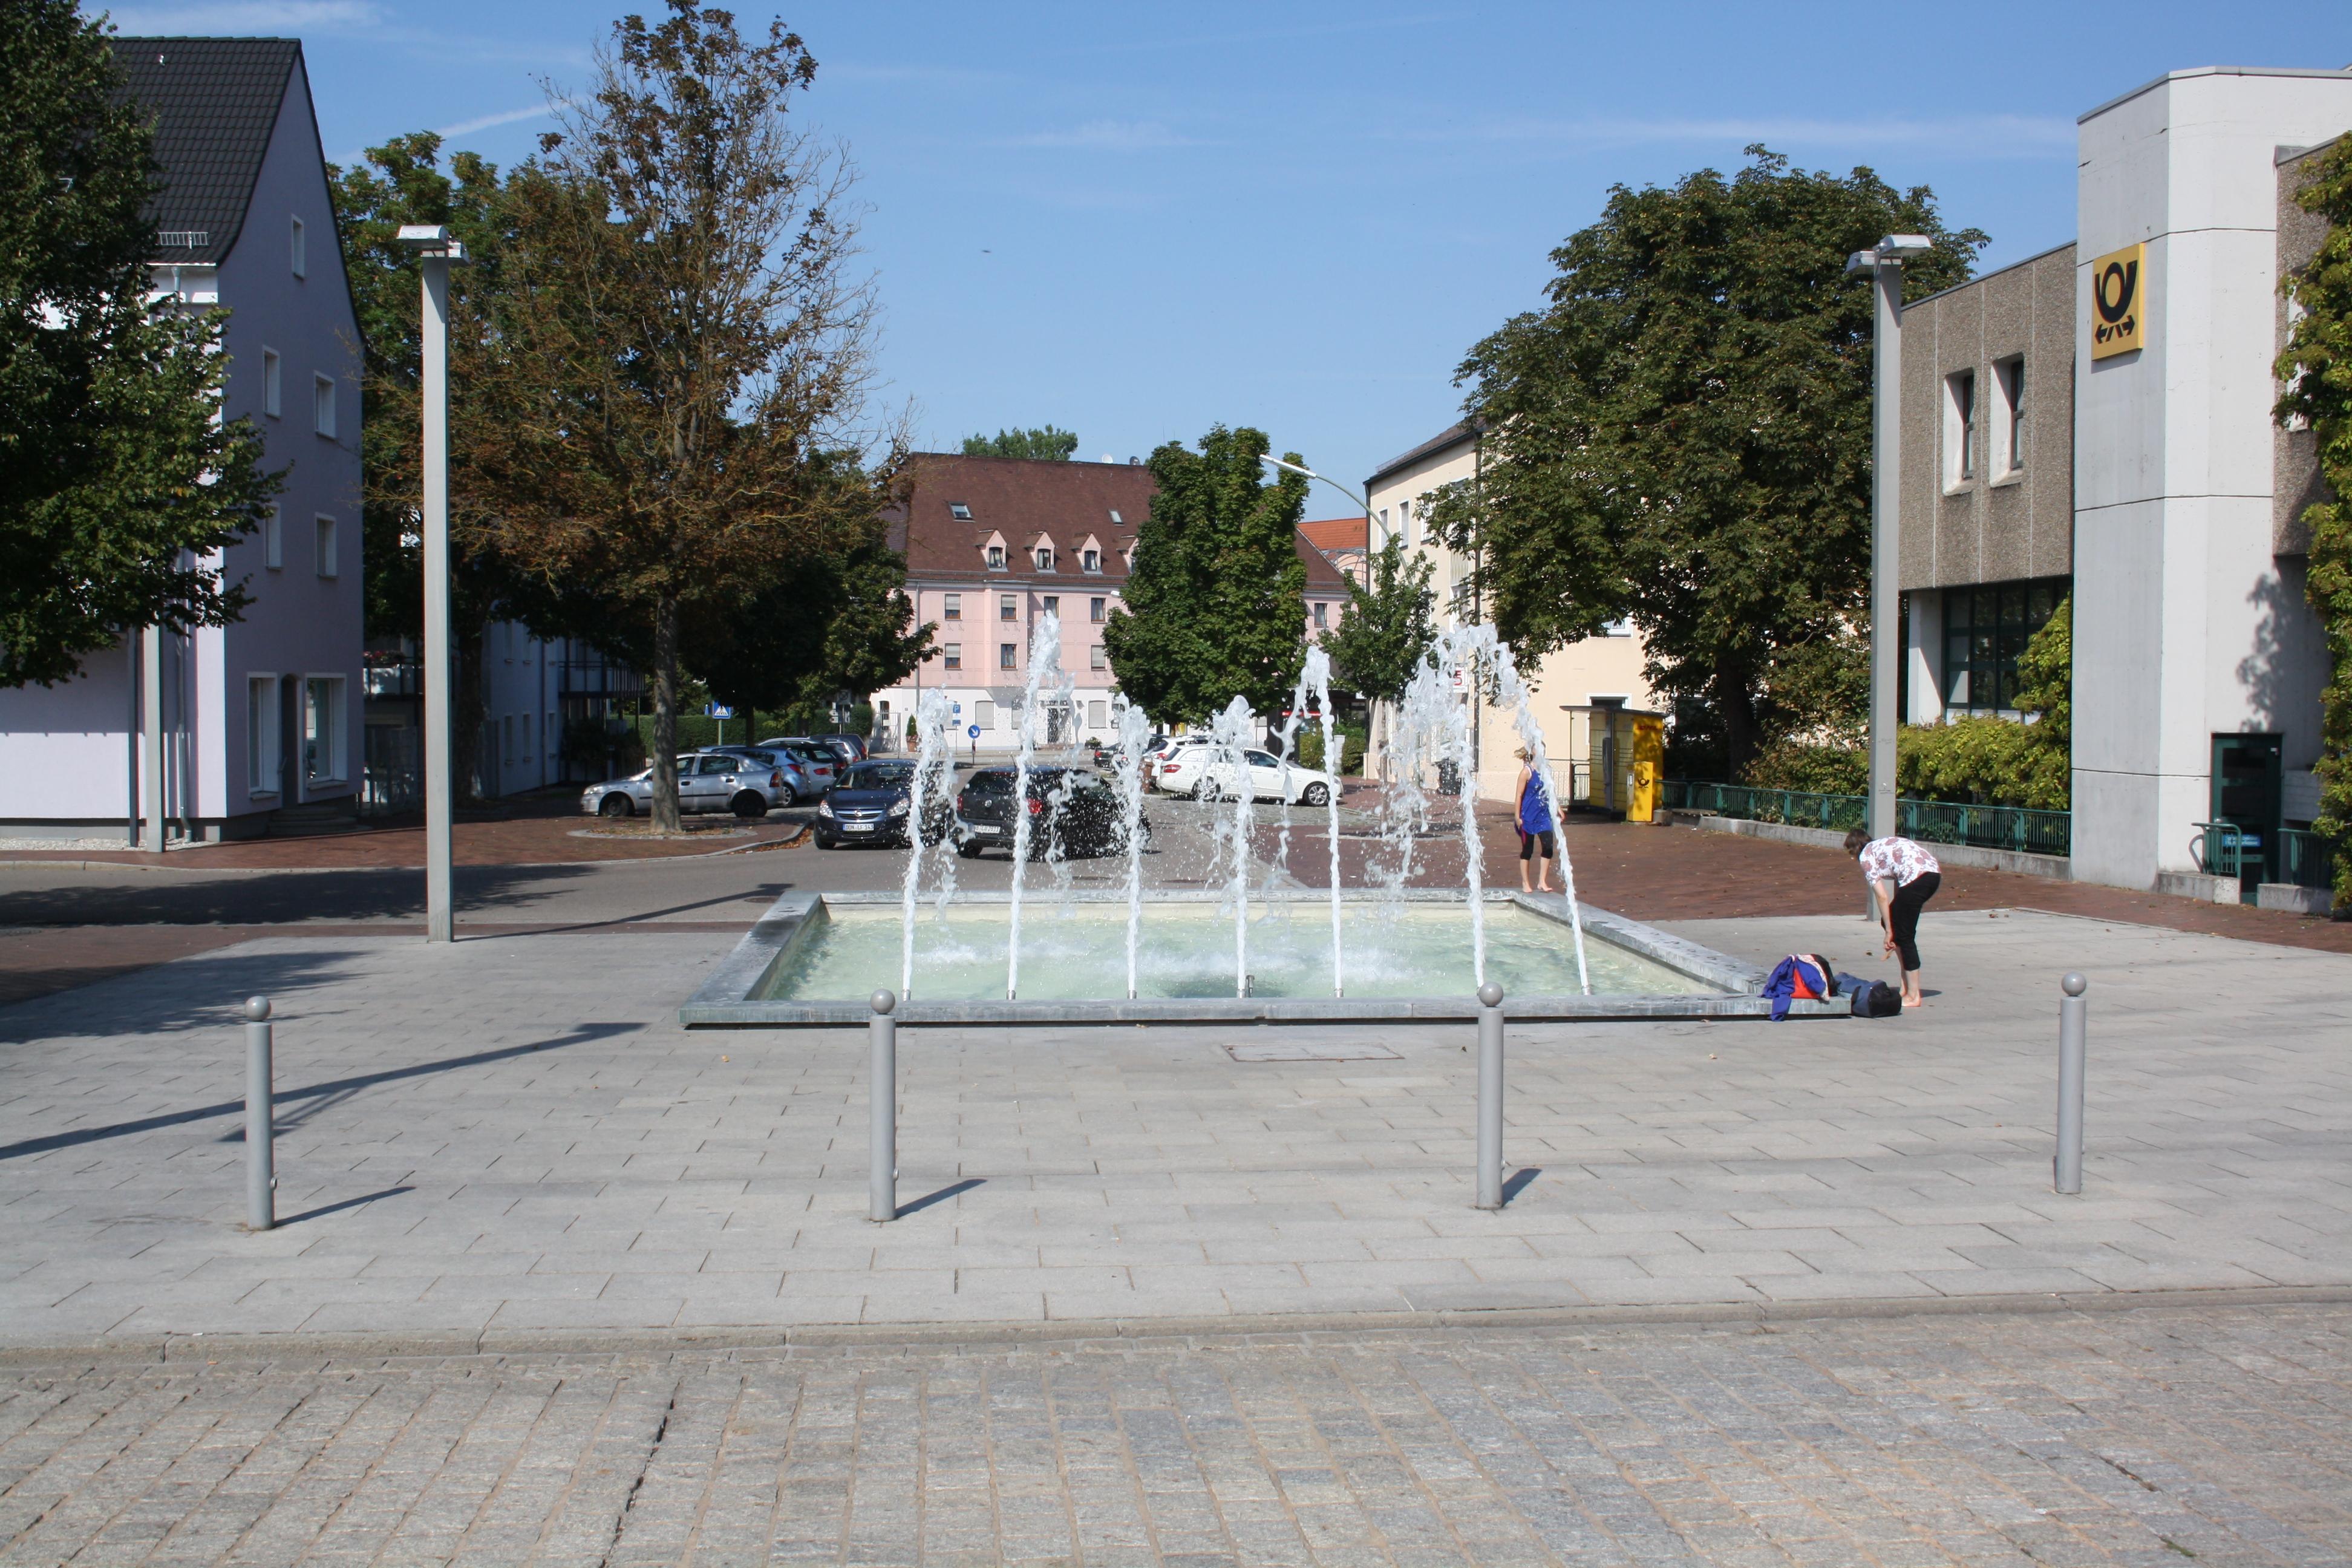 Bahnhofsvorplatz Donauwörth